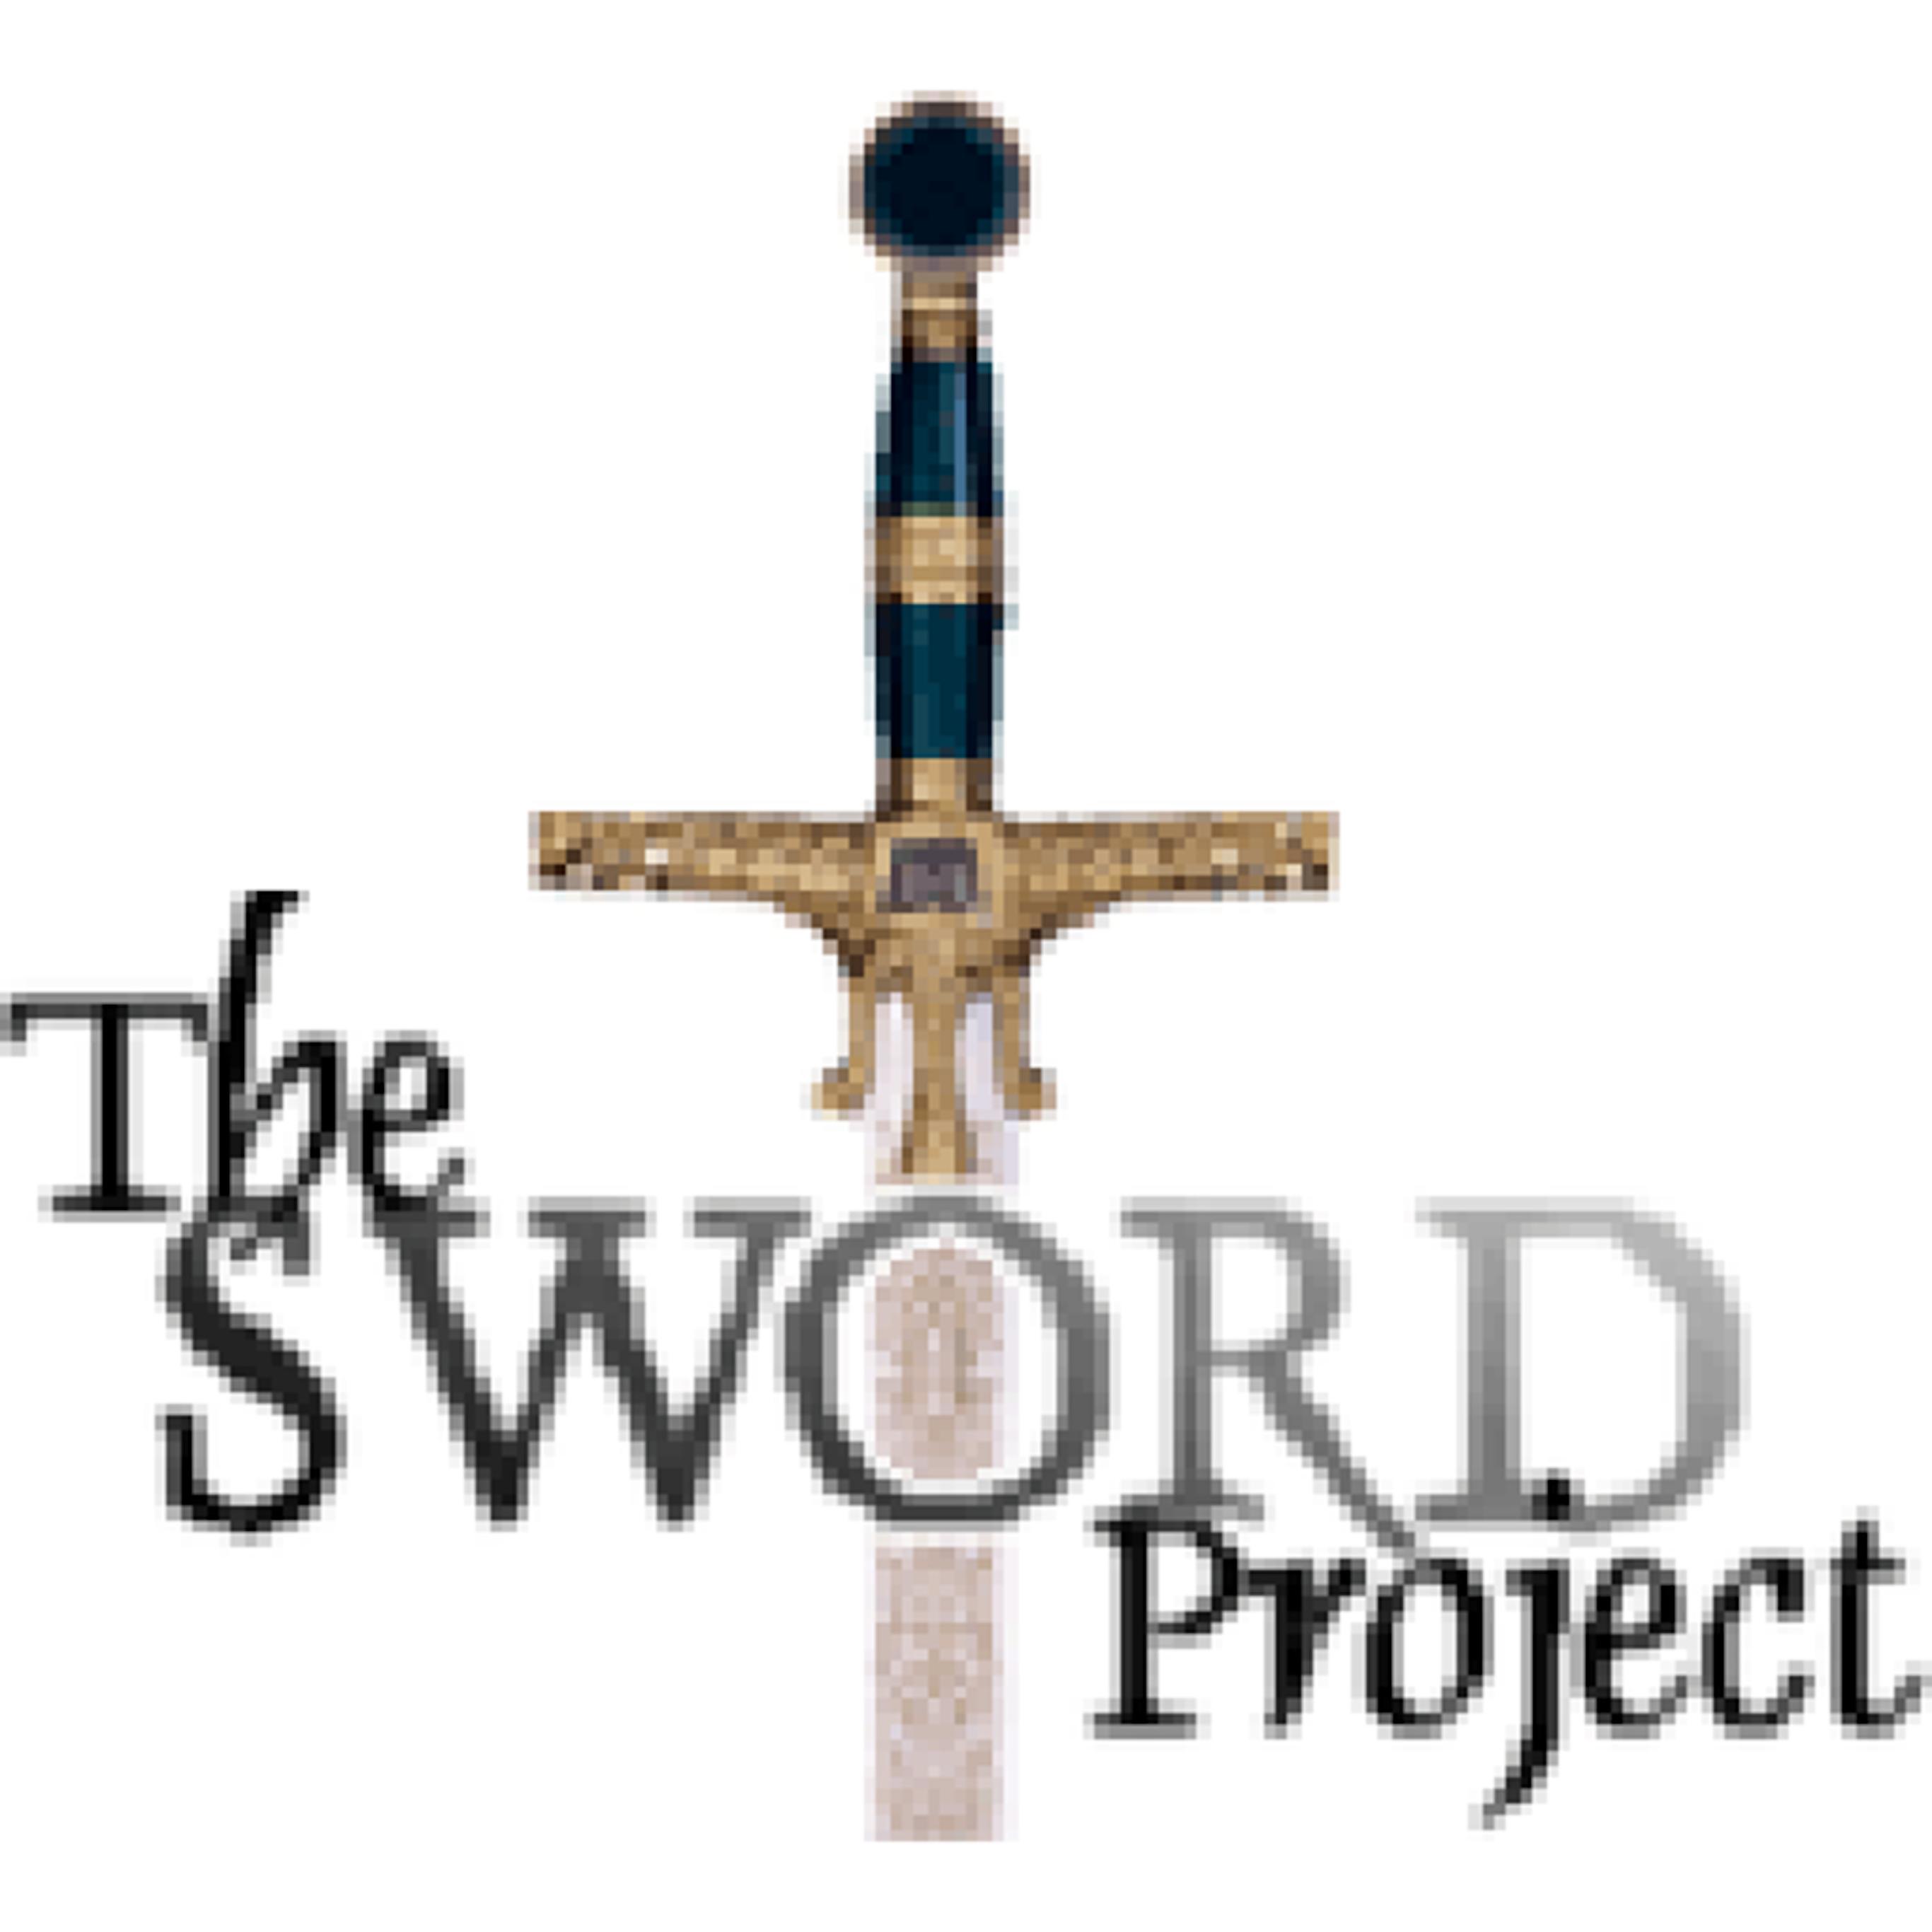 res/swordlogo-2732.png